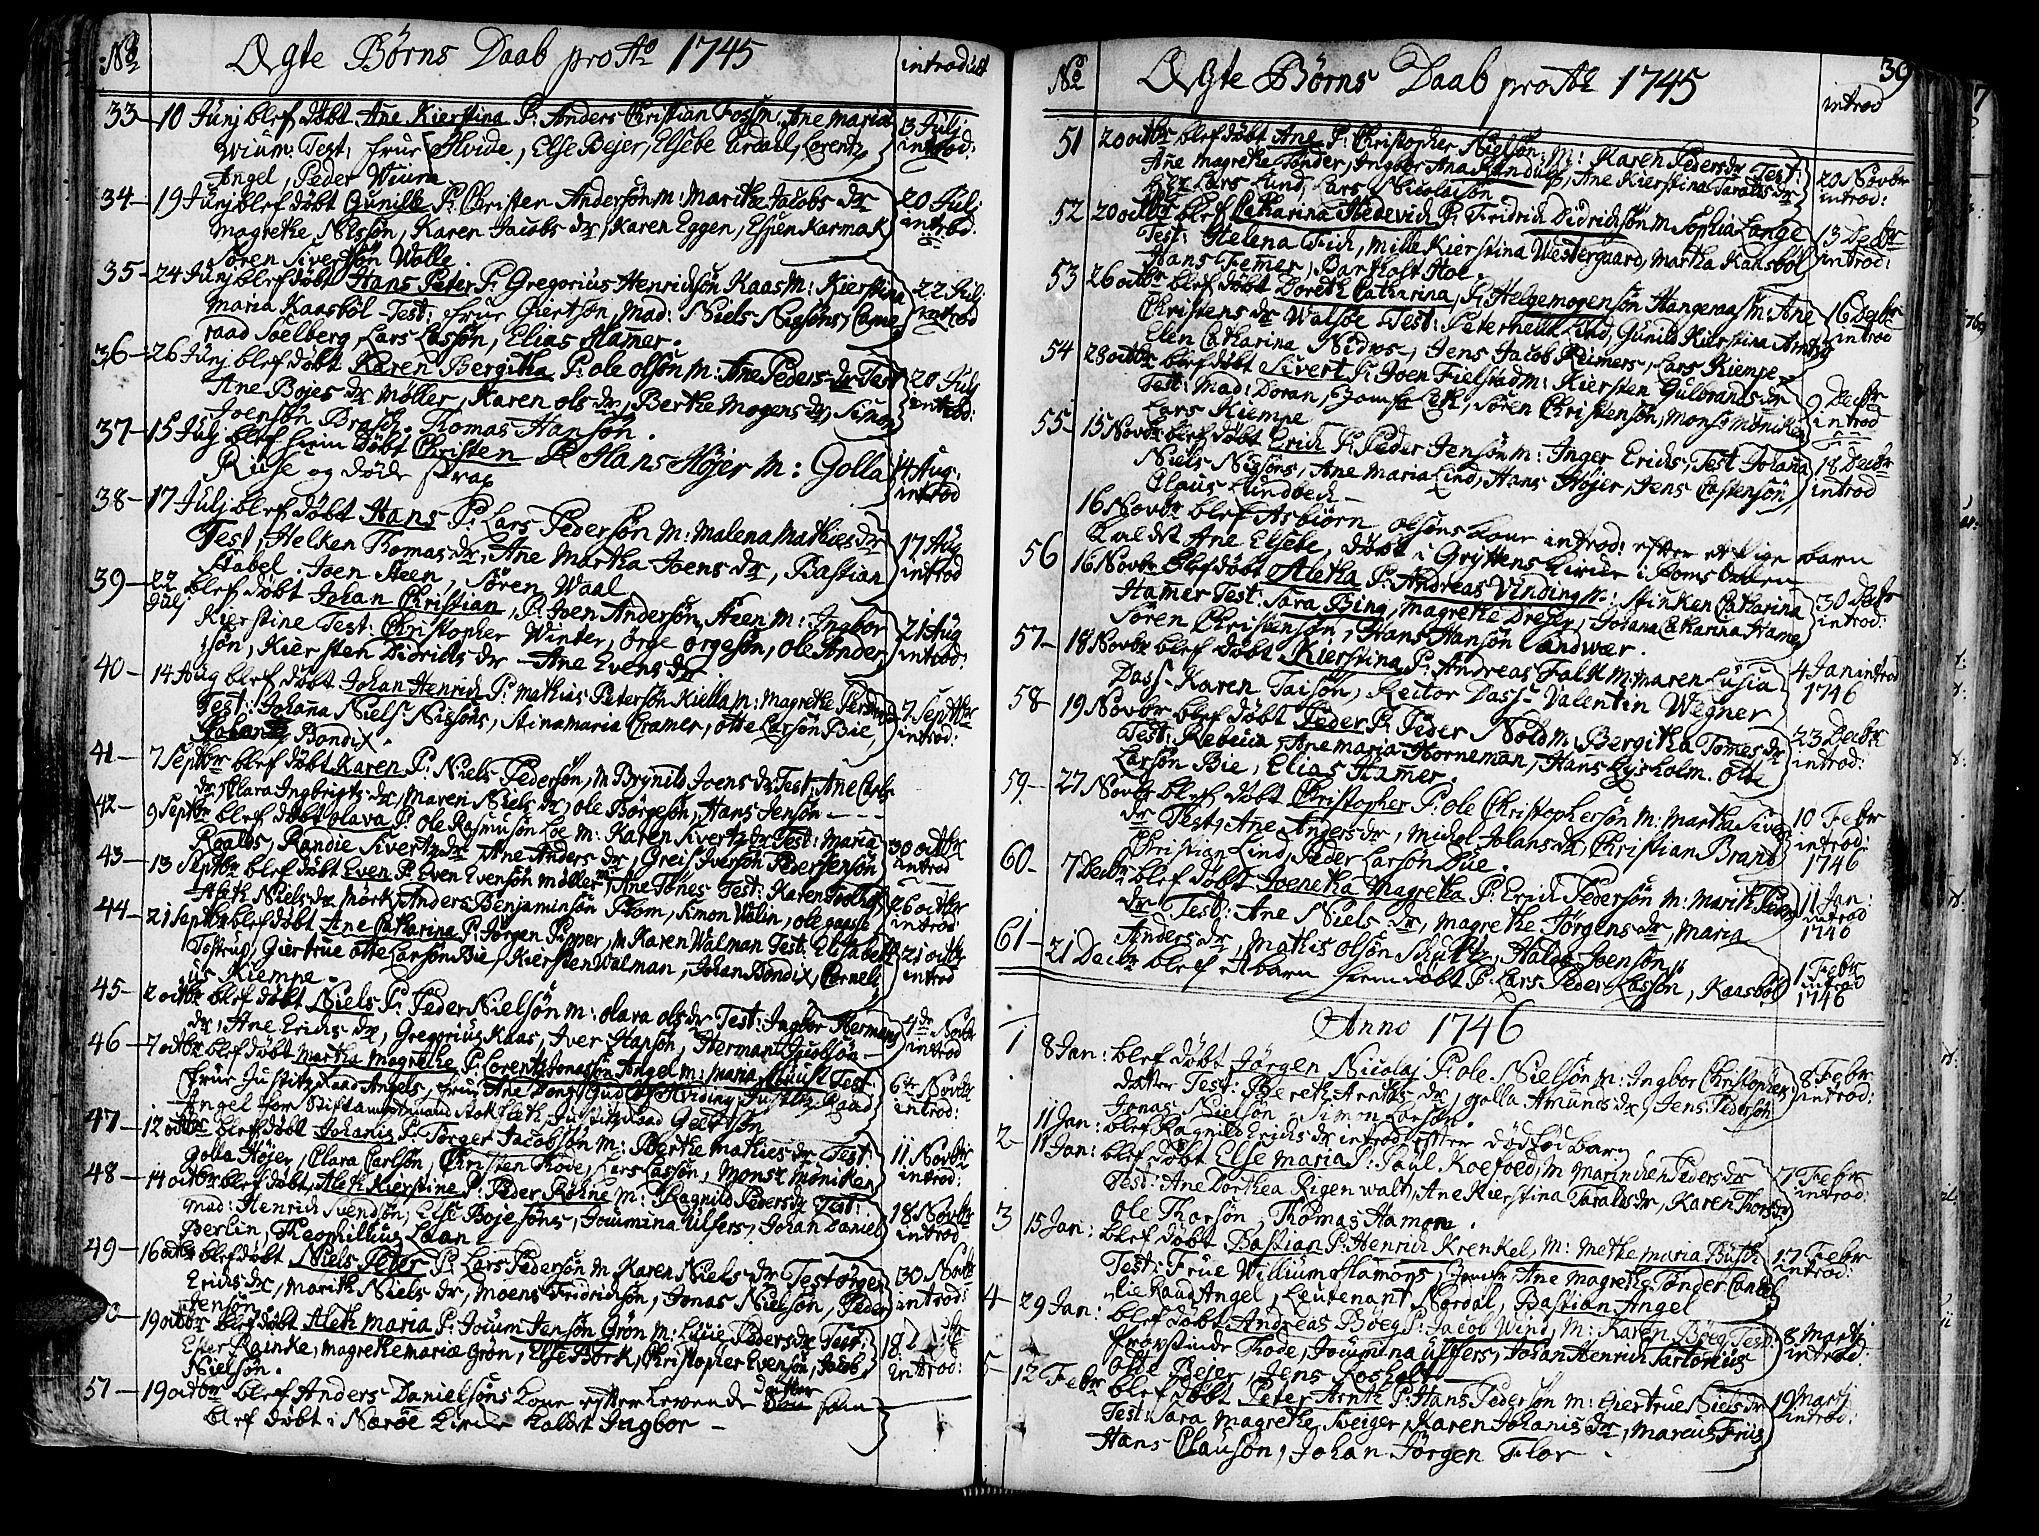 SAT, Ministerialprotokoller, klokkerbøker og fødselsregistre - Sør-Trøndelag, 602/L0103: Ministerialbok nr. 602A01, 1732-1774, s. 39